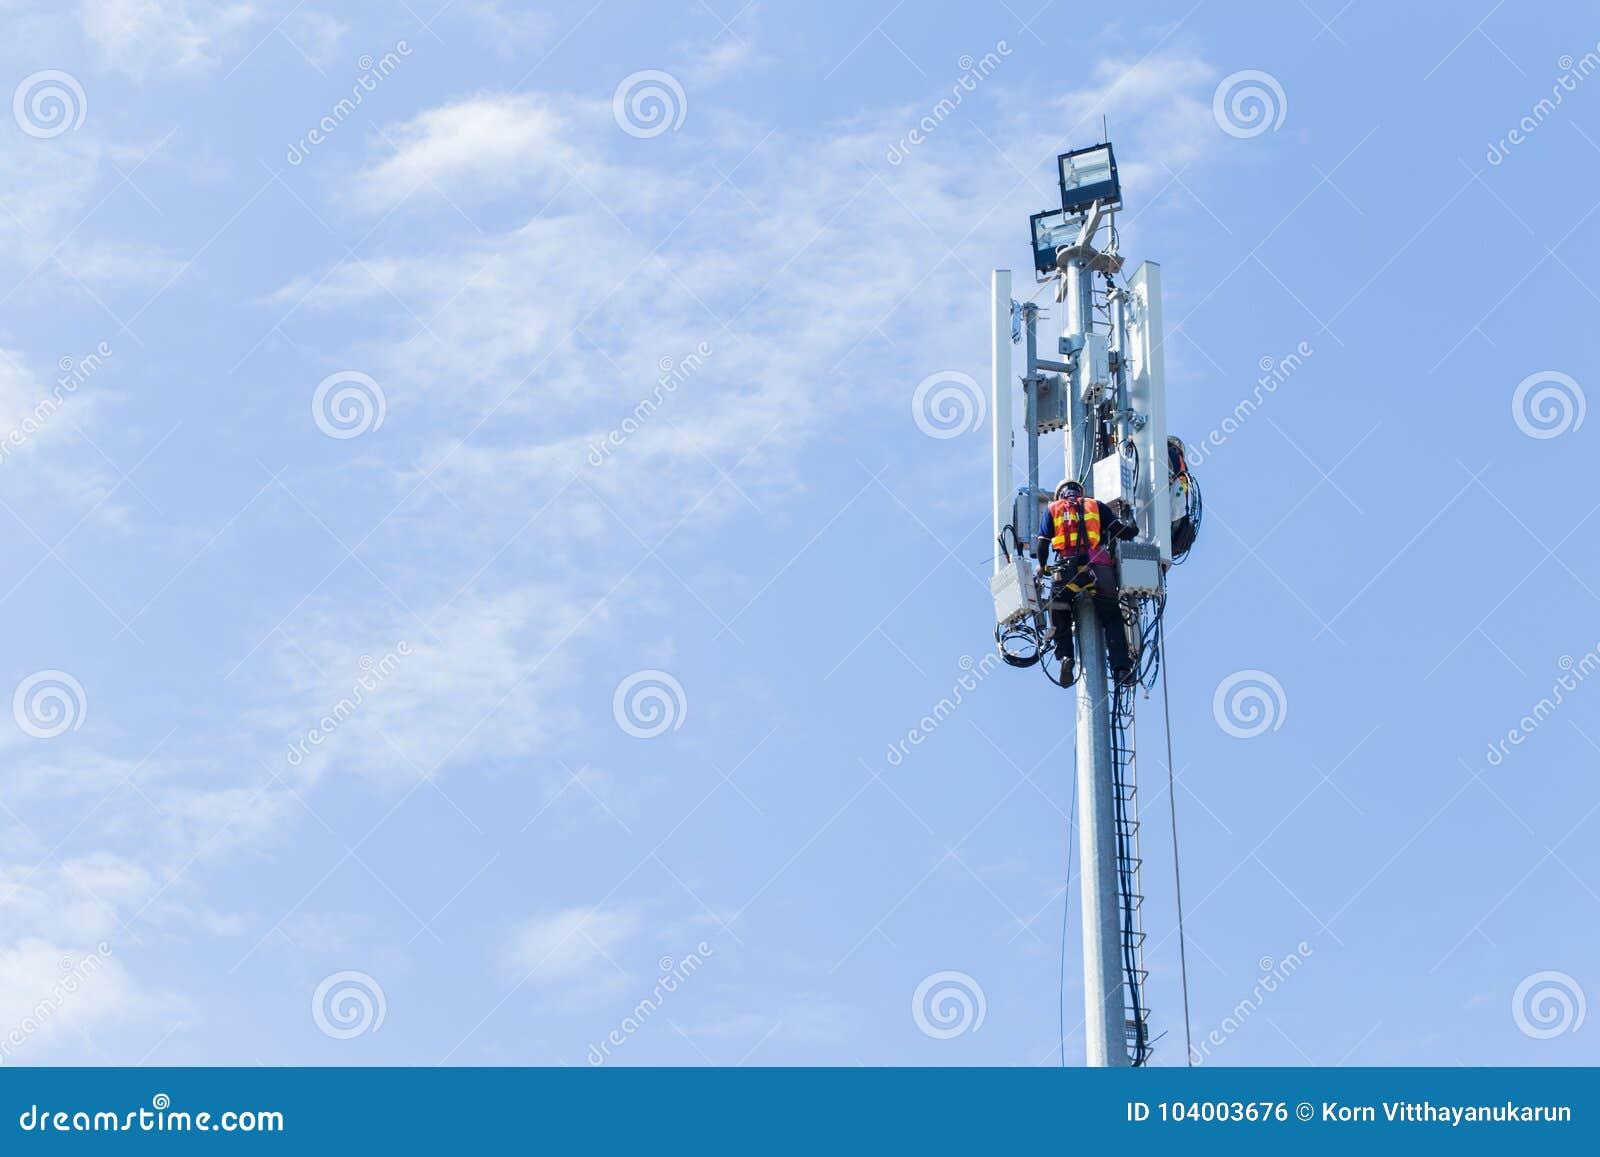 Torre de alta tecnología puesta ingeniero 4G 5G de la señal